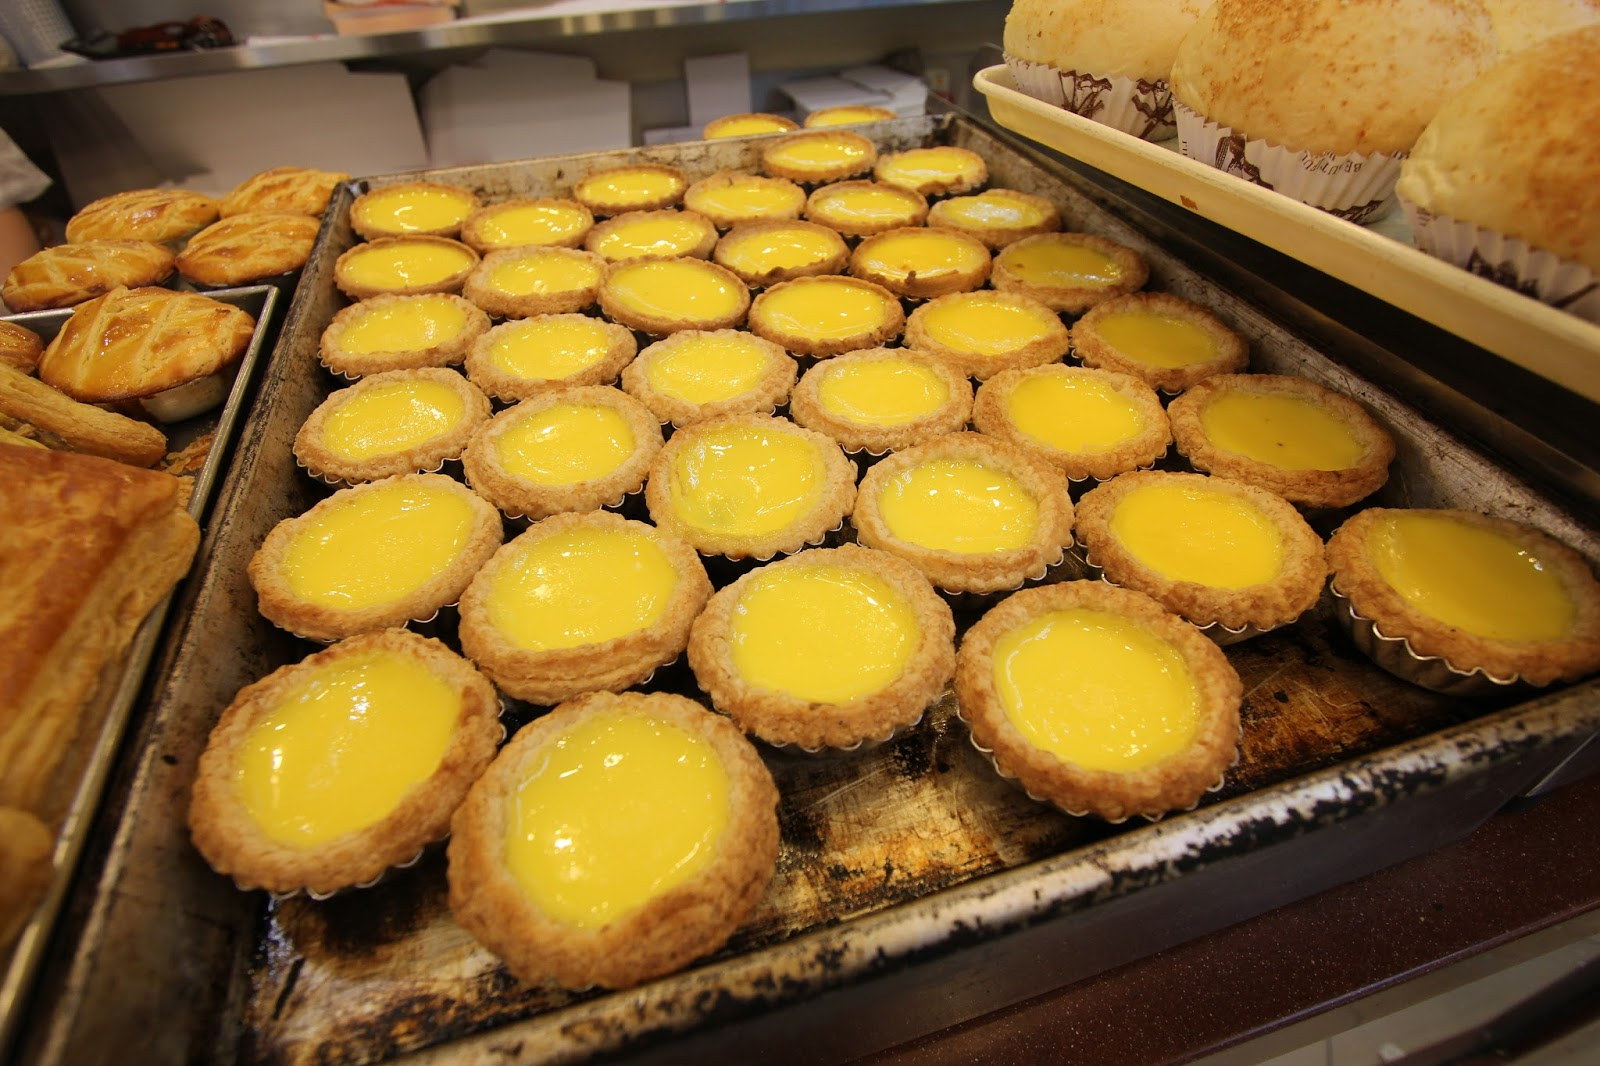 揭曉全球十大美食之都:香港位居榜首 東京第三 本土美食知名世界